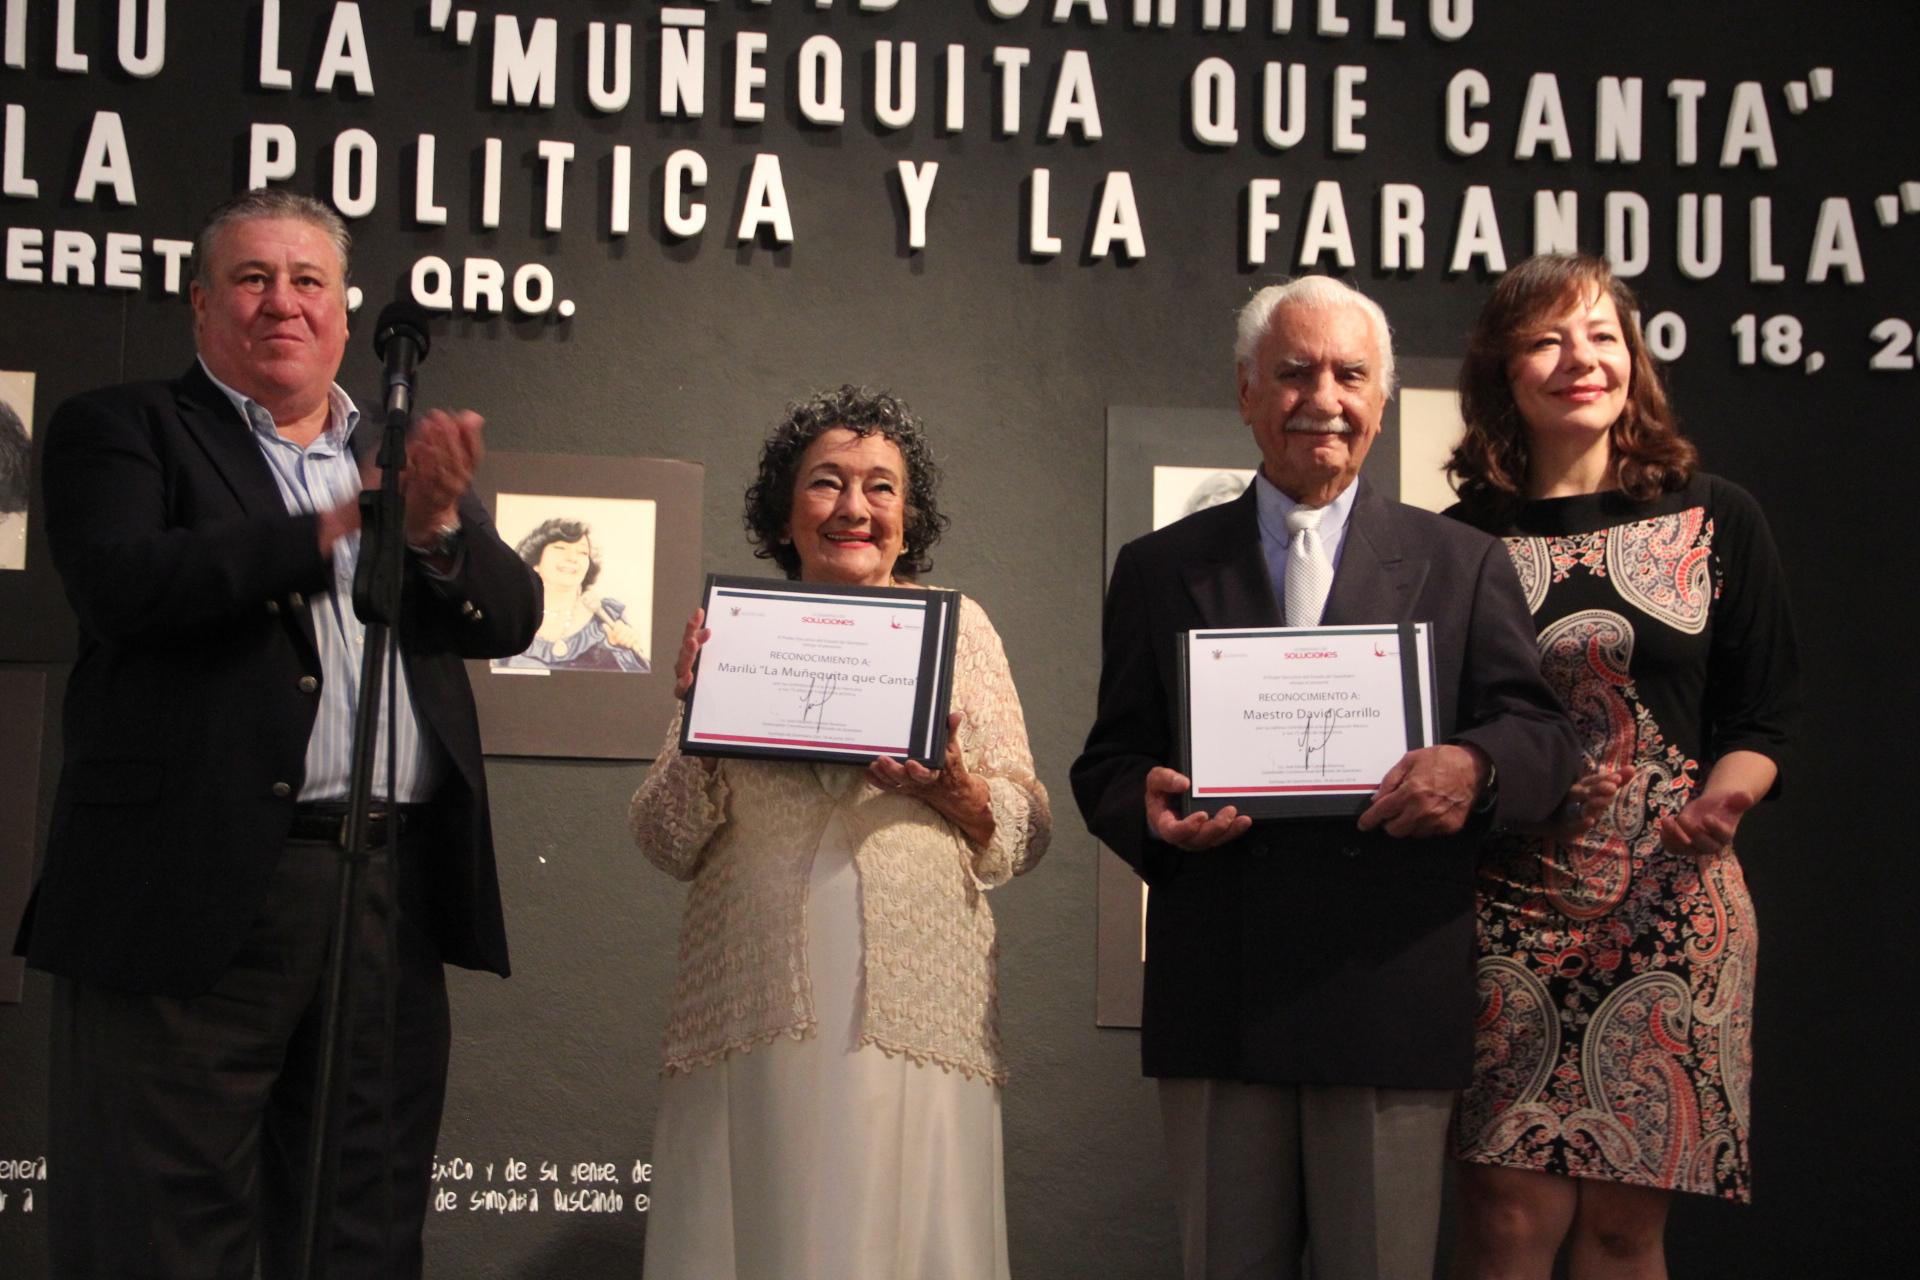 """Se lleva a cabo homenaje por 75 años de trayectoria a Marilú """"La Muñequita que Canta"""" y David Carrillo"""